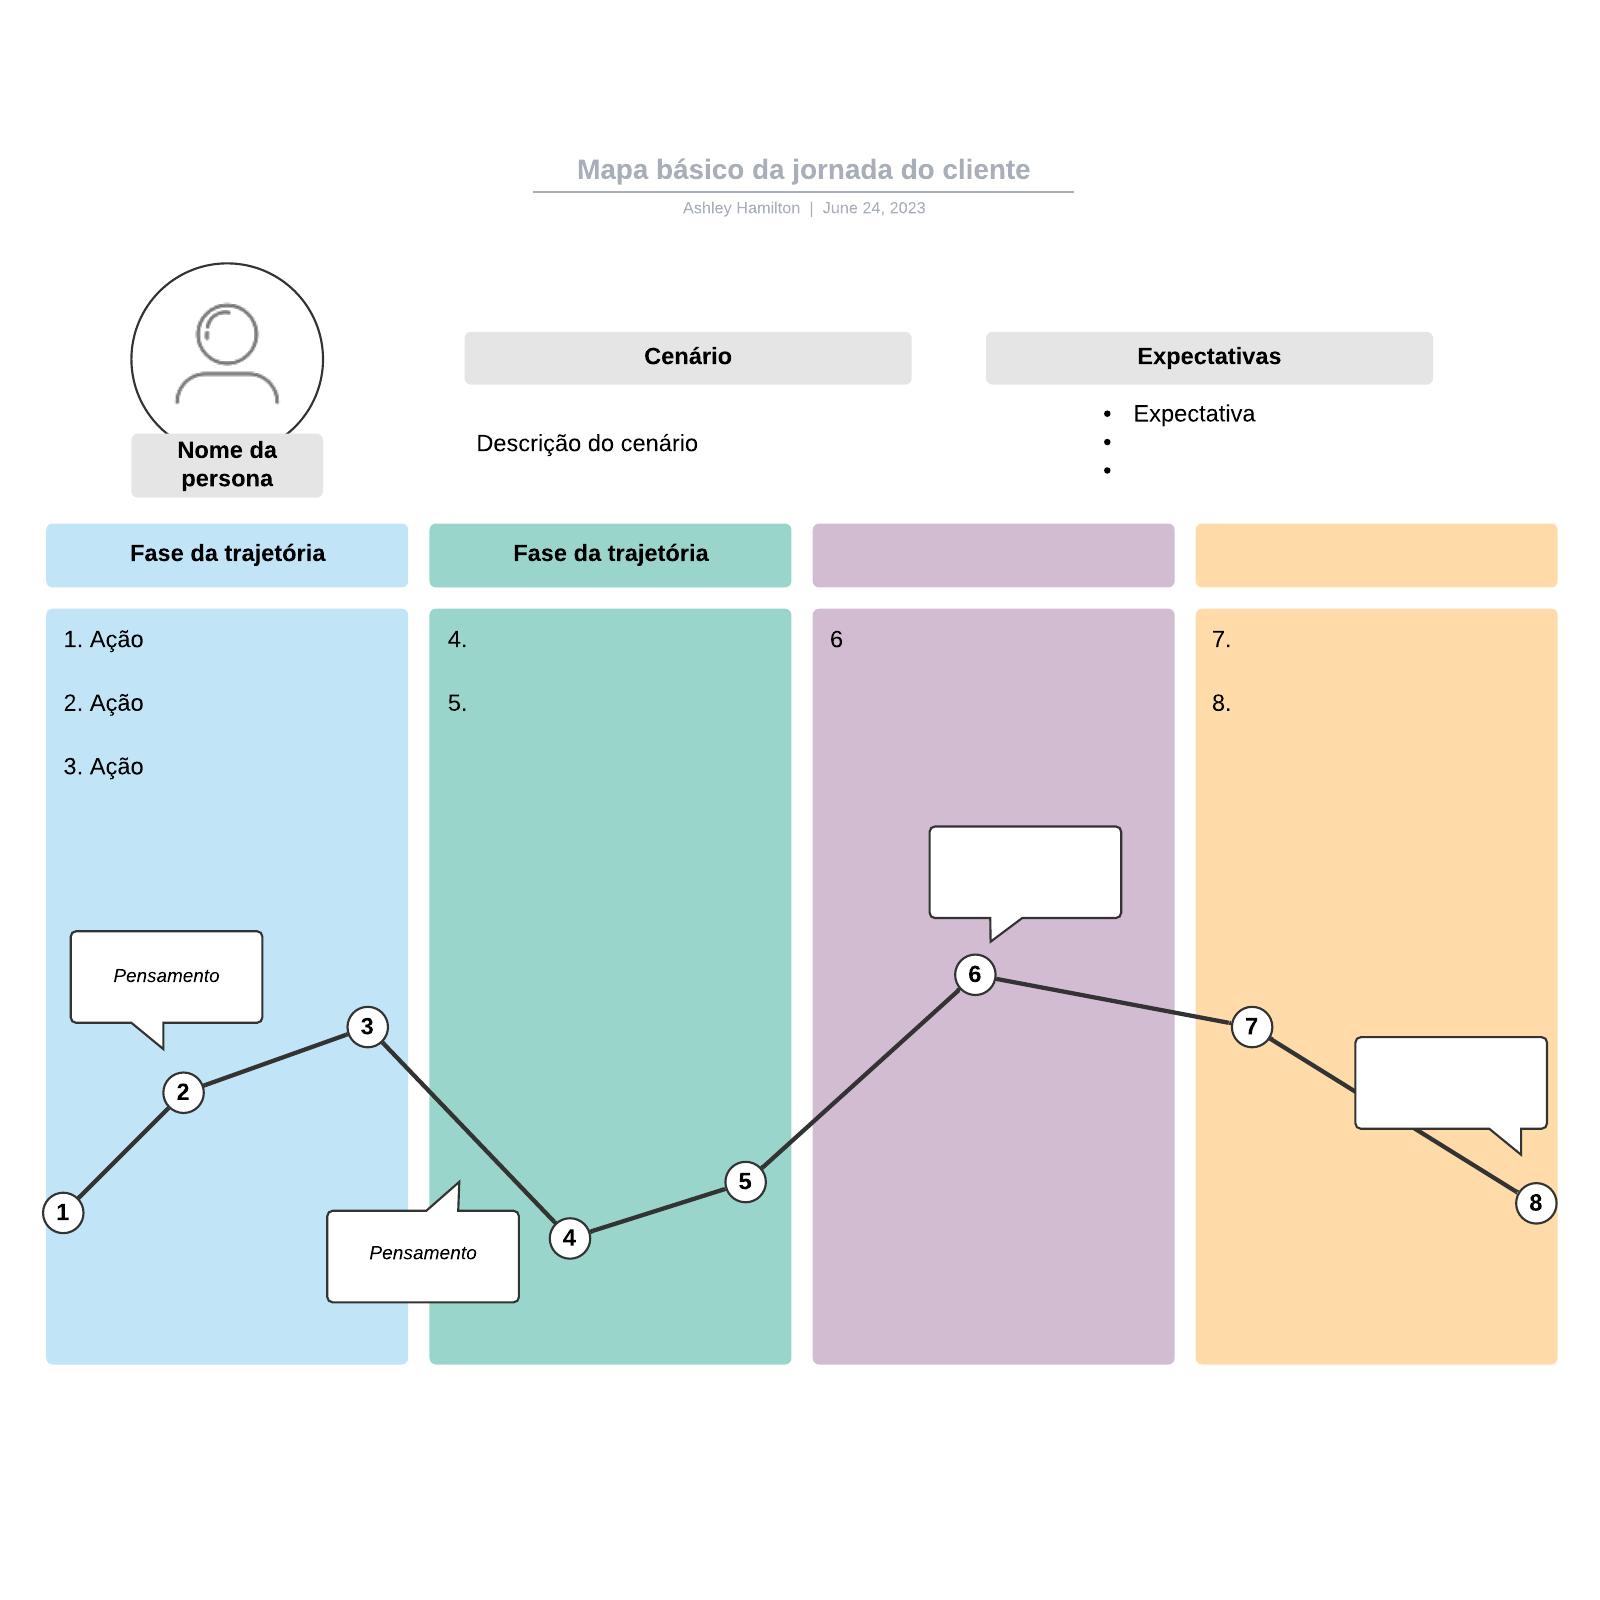 Mapa básico da jornada do cliente